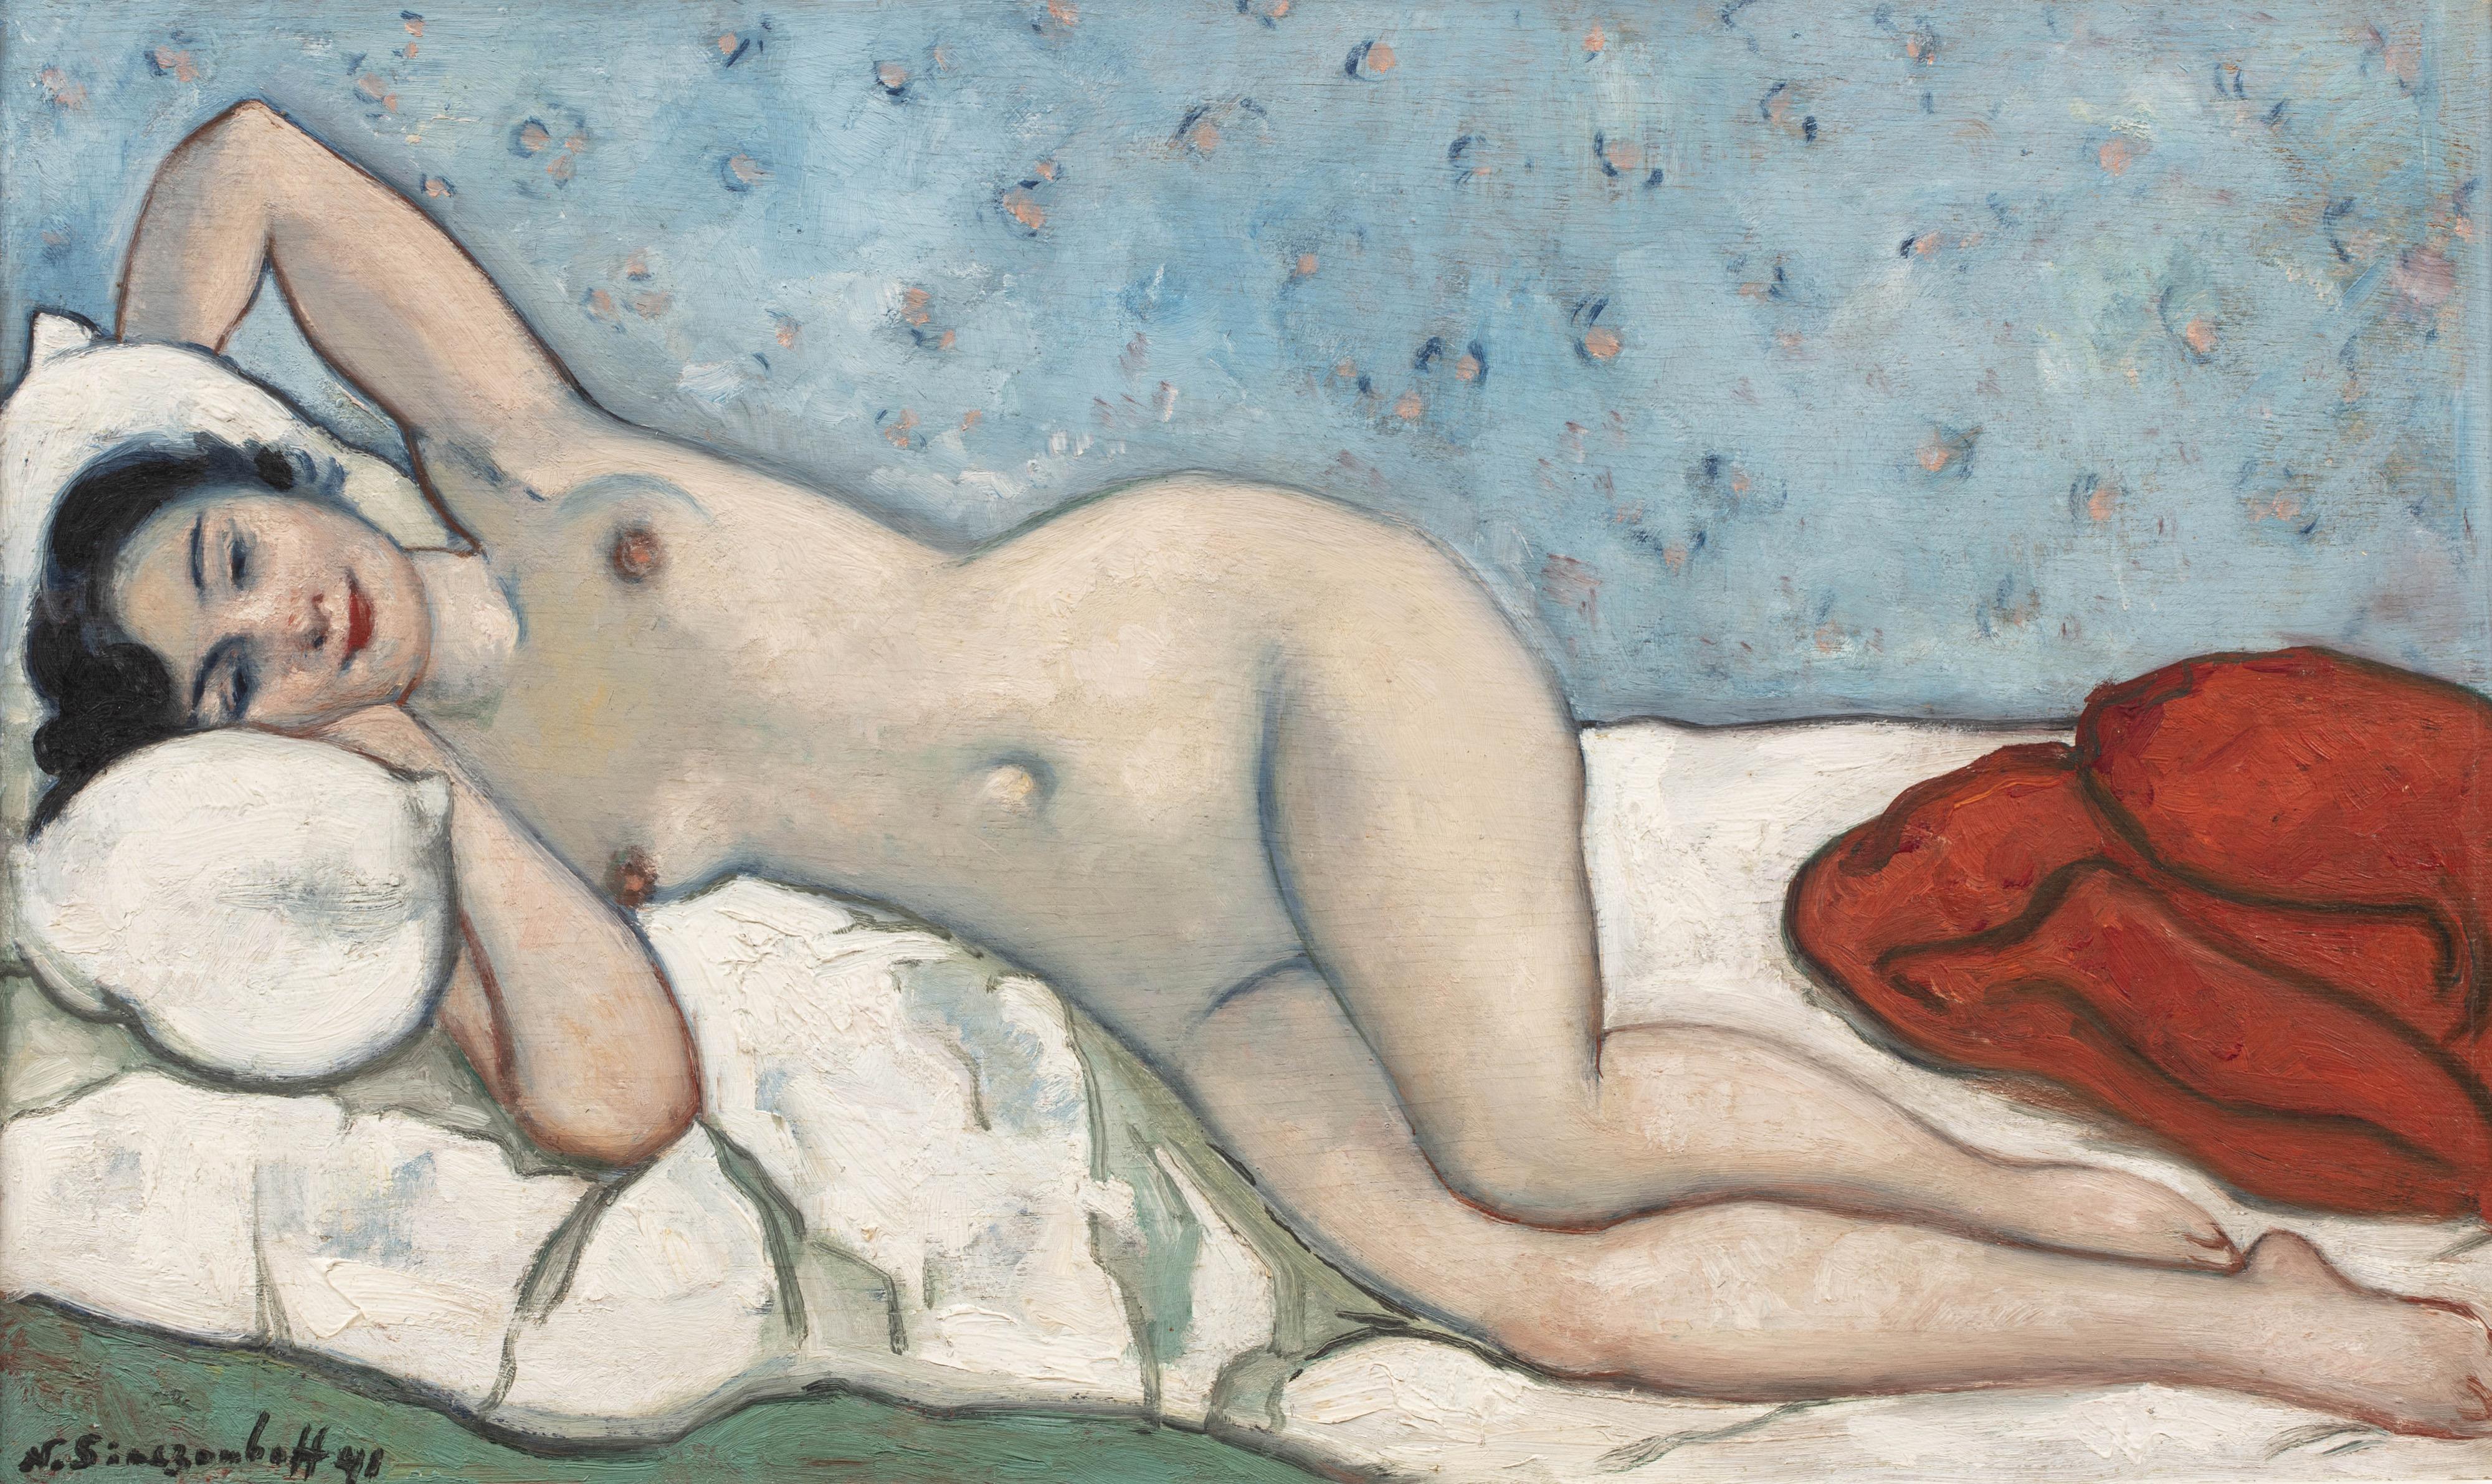 Kobieta nago, 1941